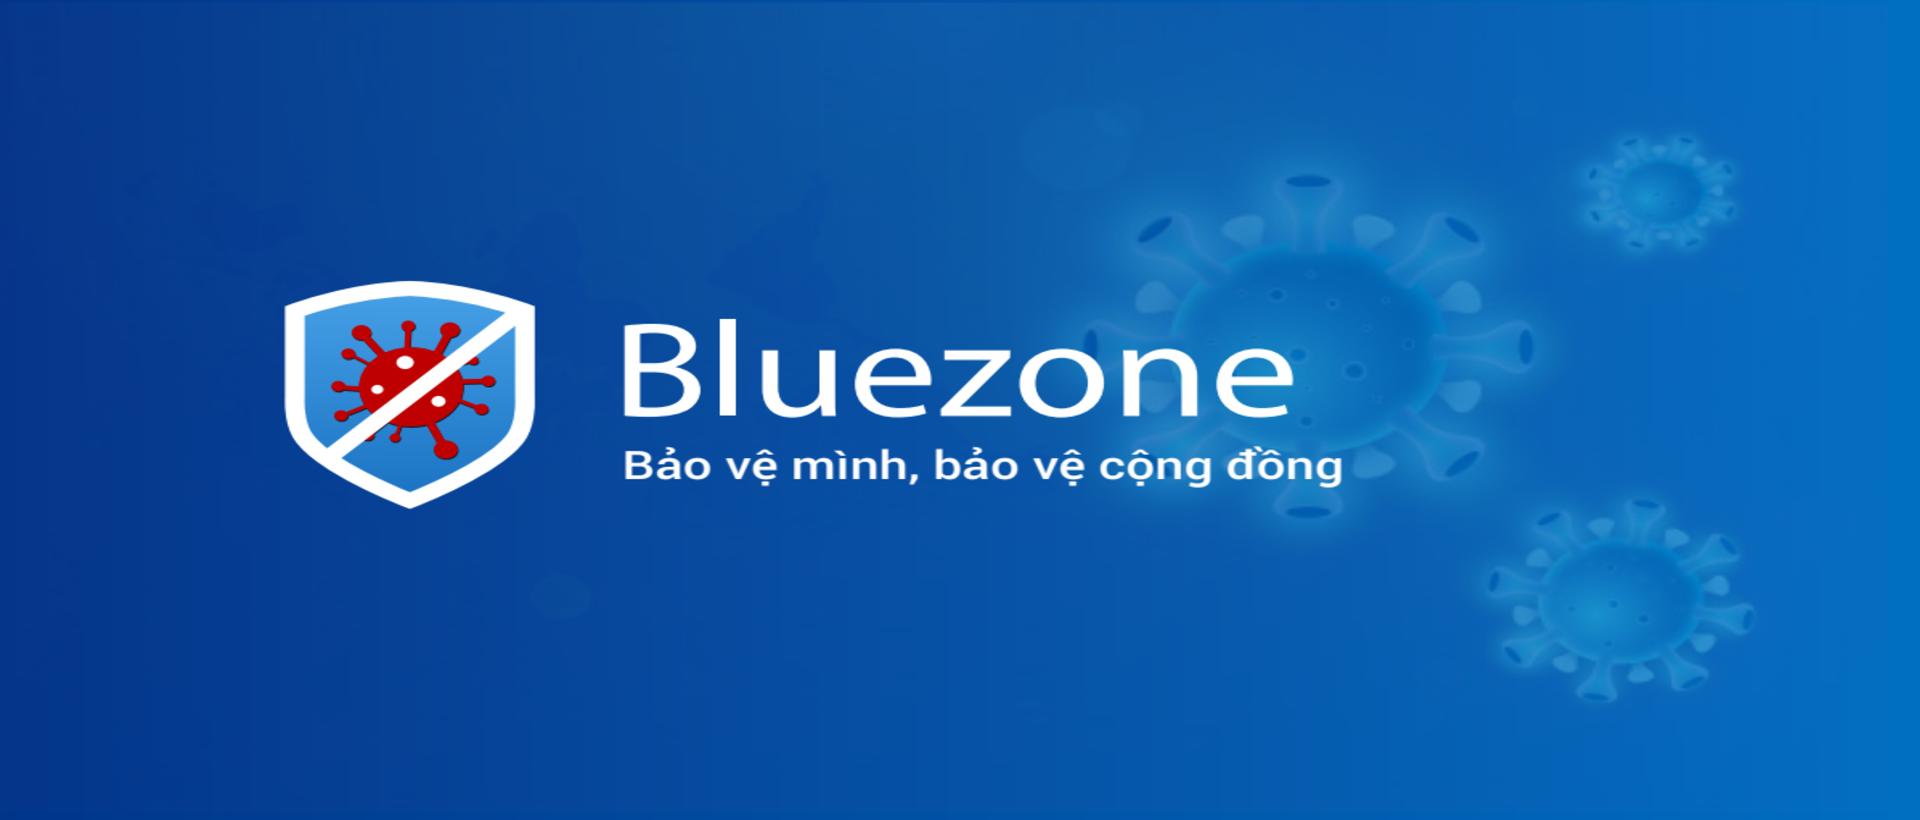 Bluezone - Khẩu trang điện tử